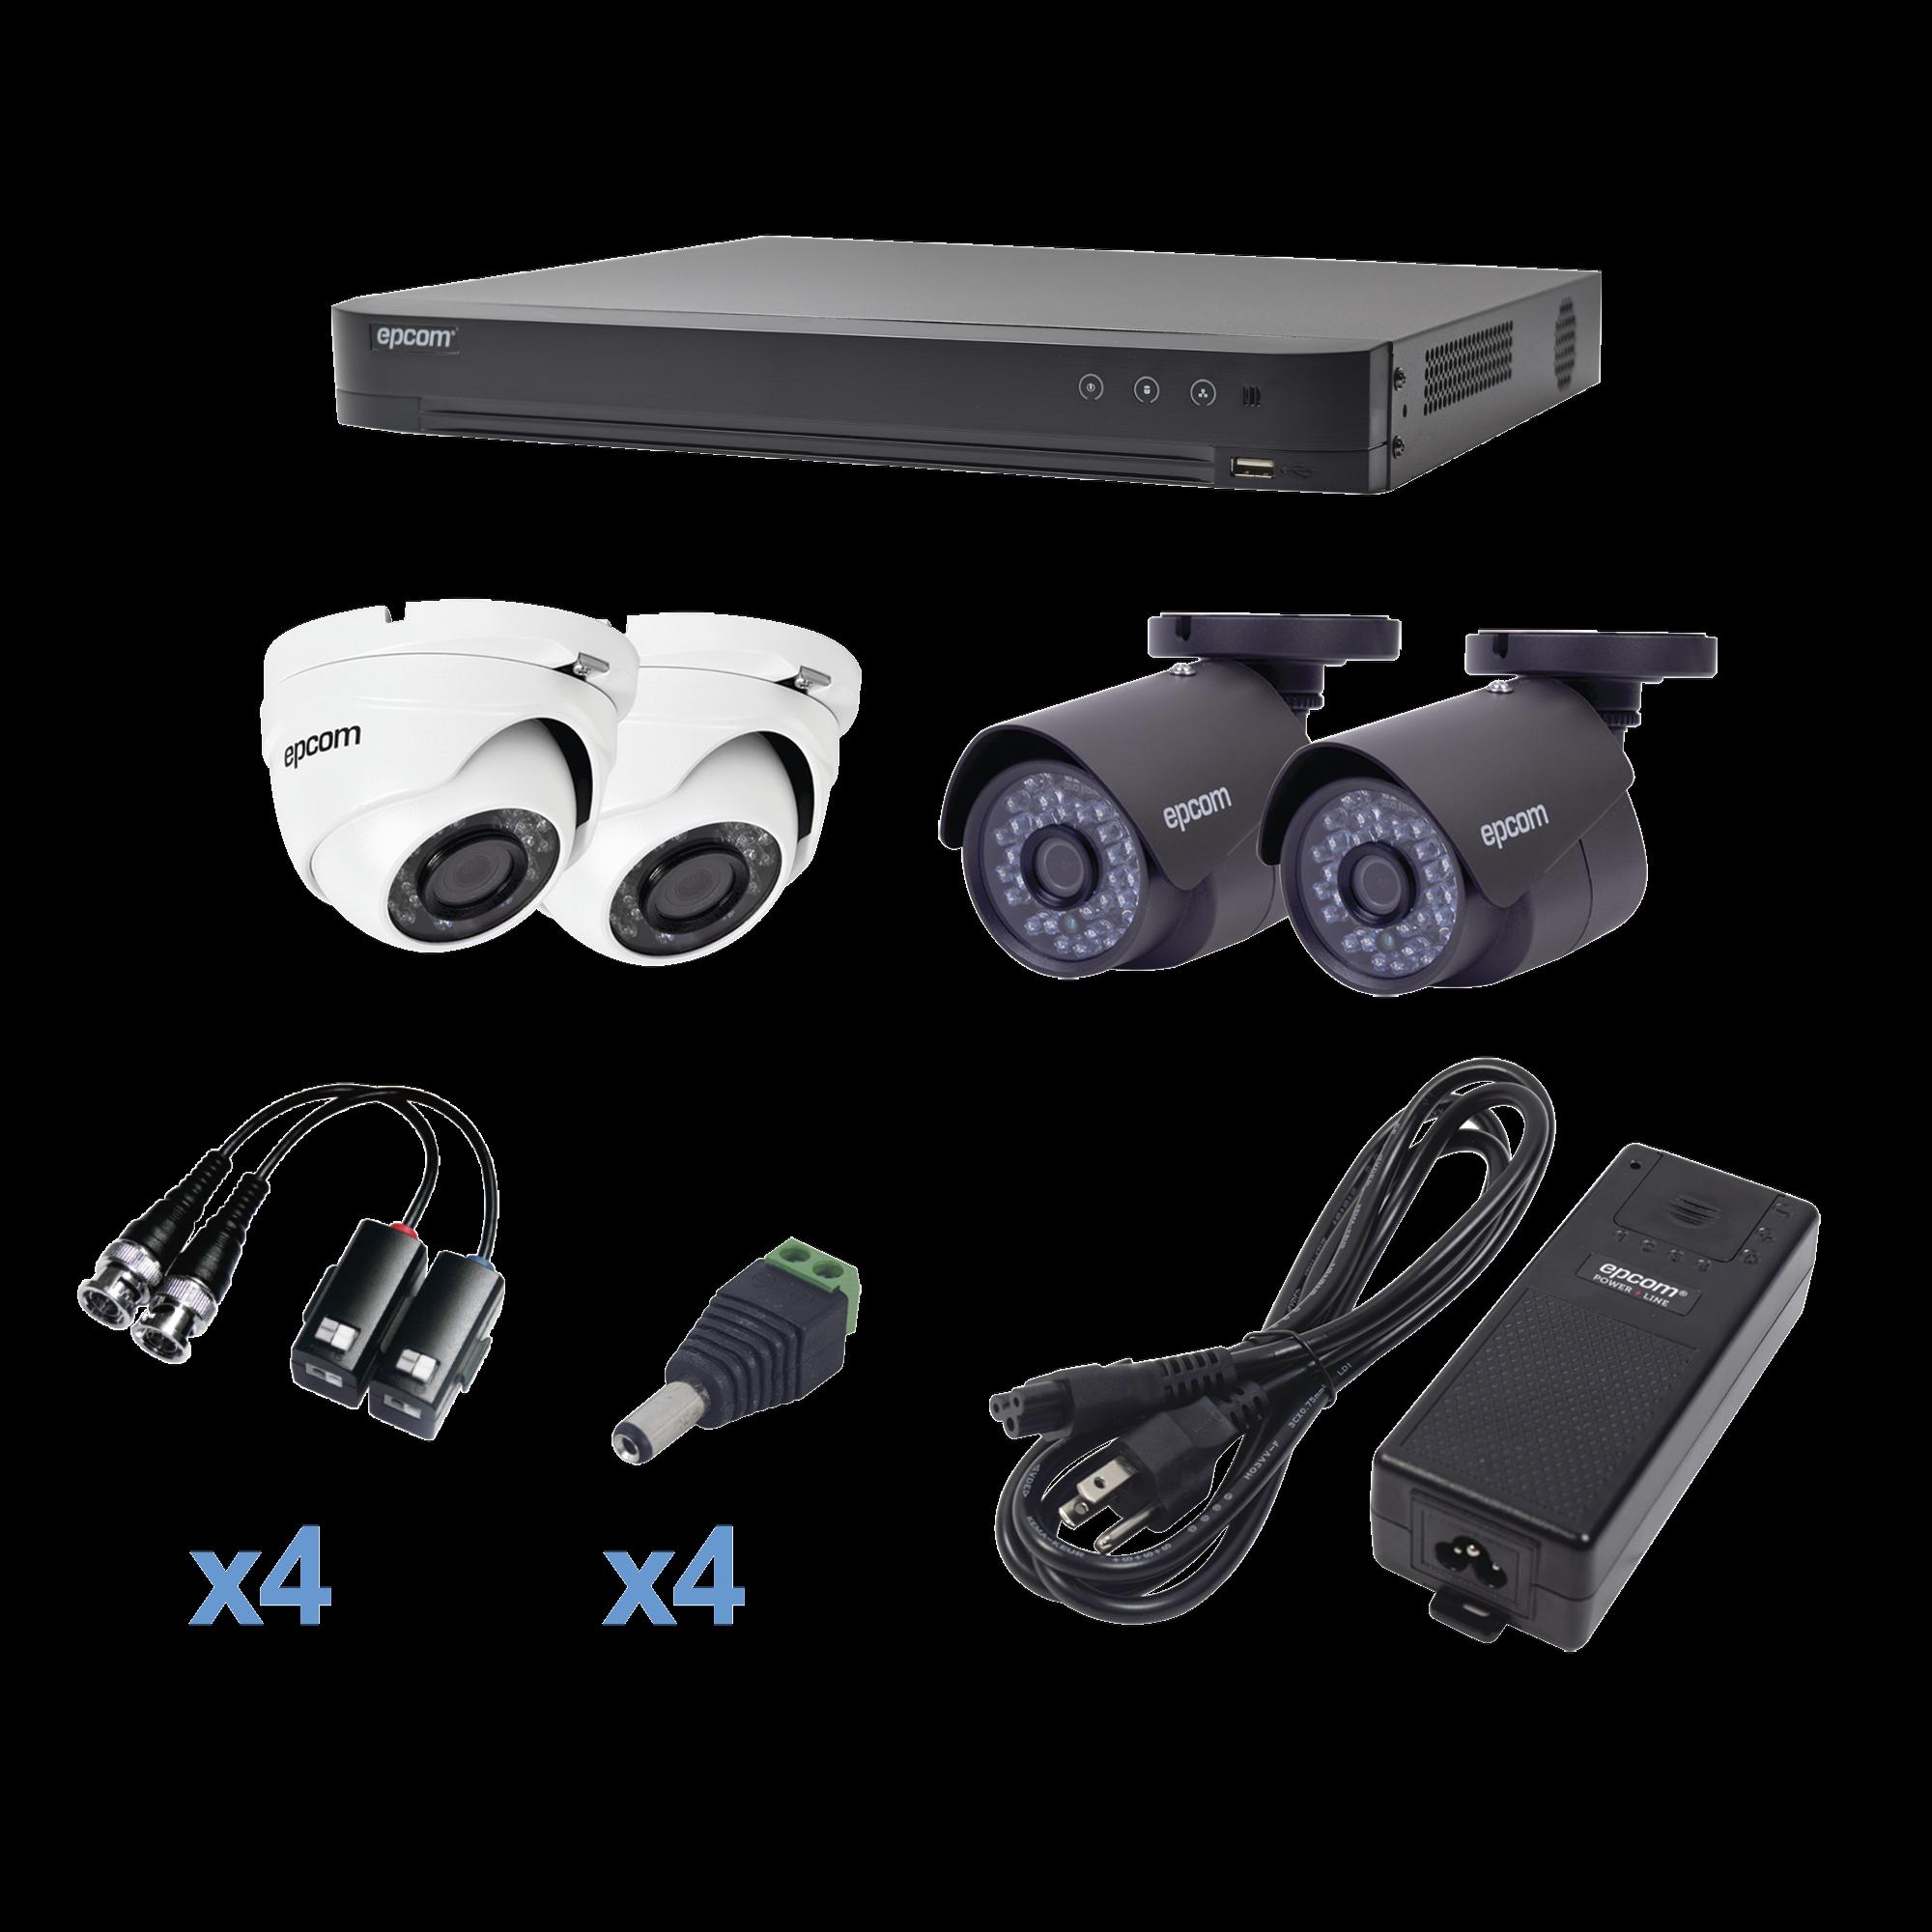 Sistema TURBOHD 1080p / DVR 4 Canales / 2 Cámaras Bala (exterior 2.8 mm)  / 2 Cámaras Eyeball (exterior 2.8 mm) / Transceptores / Conectores / Fuente de Poder Profesional